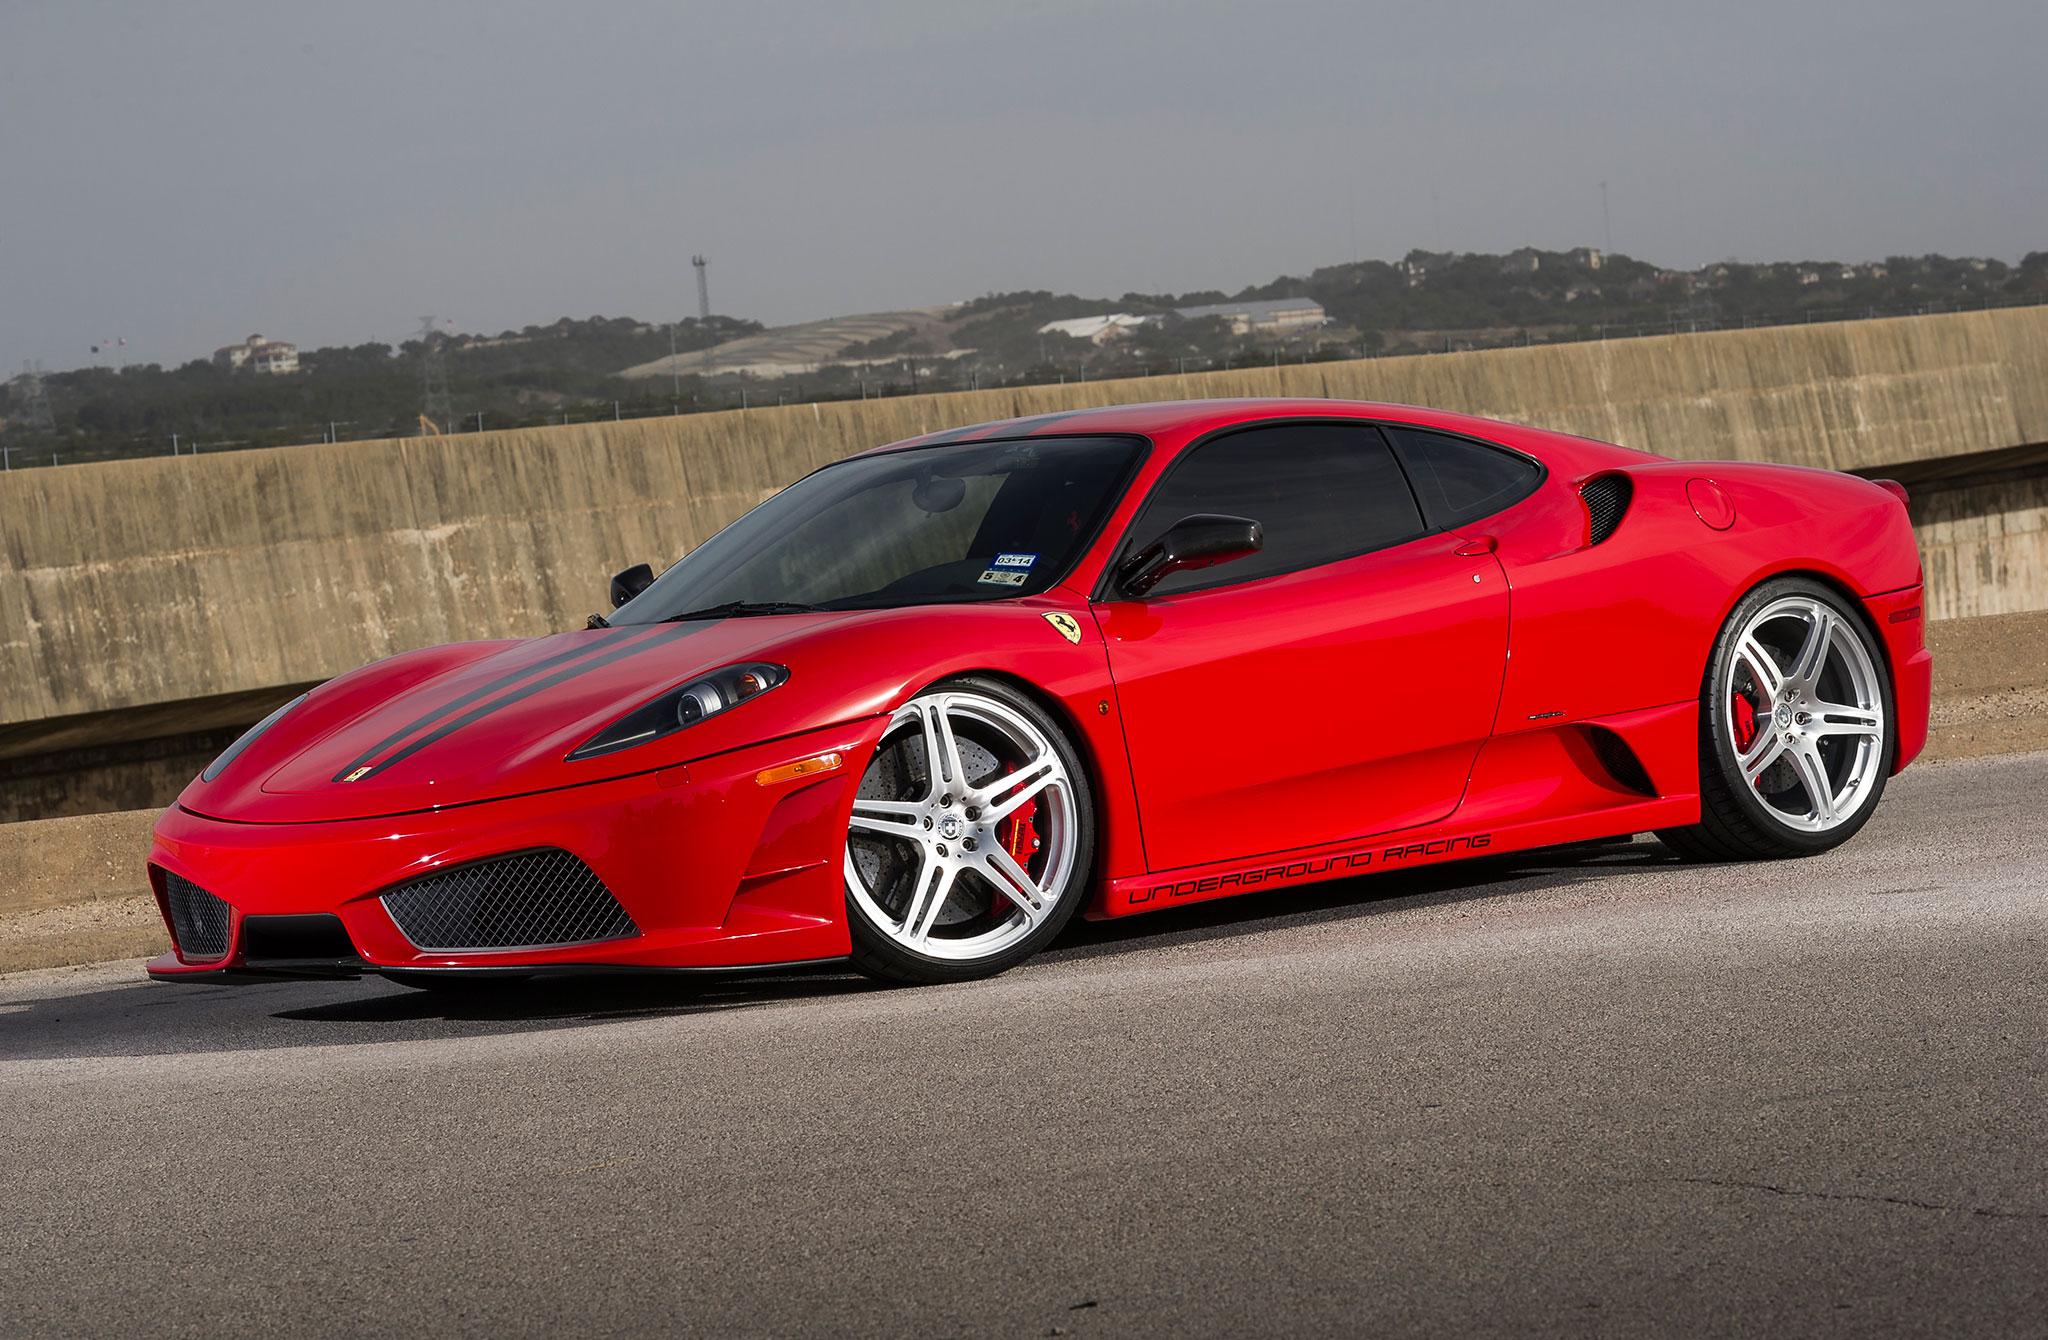 Meet the 700-HP Ferrari F430 Scuderia Modified by ...